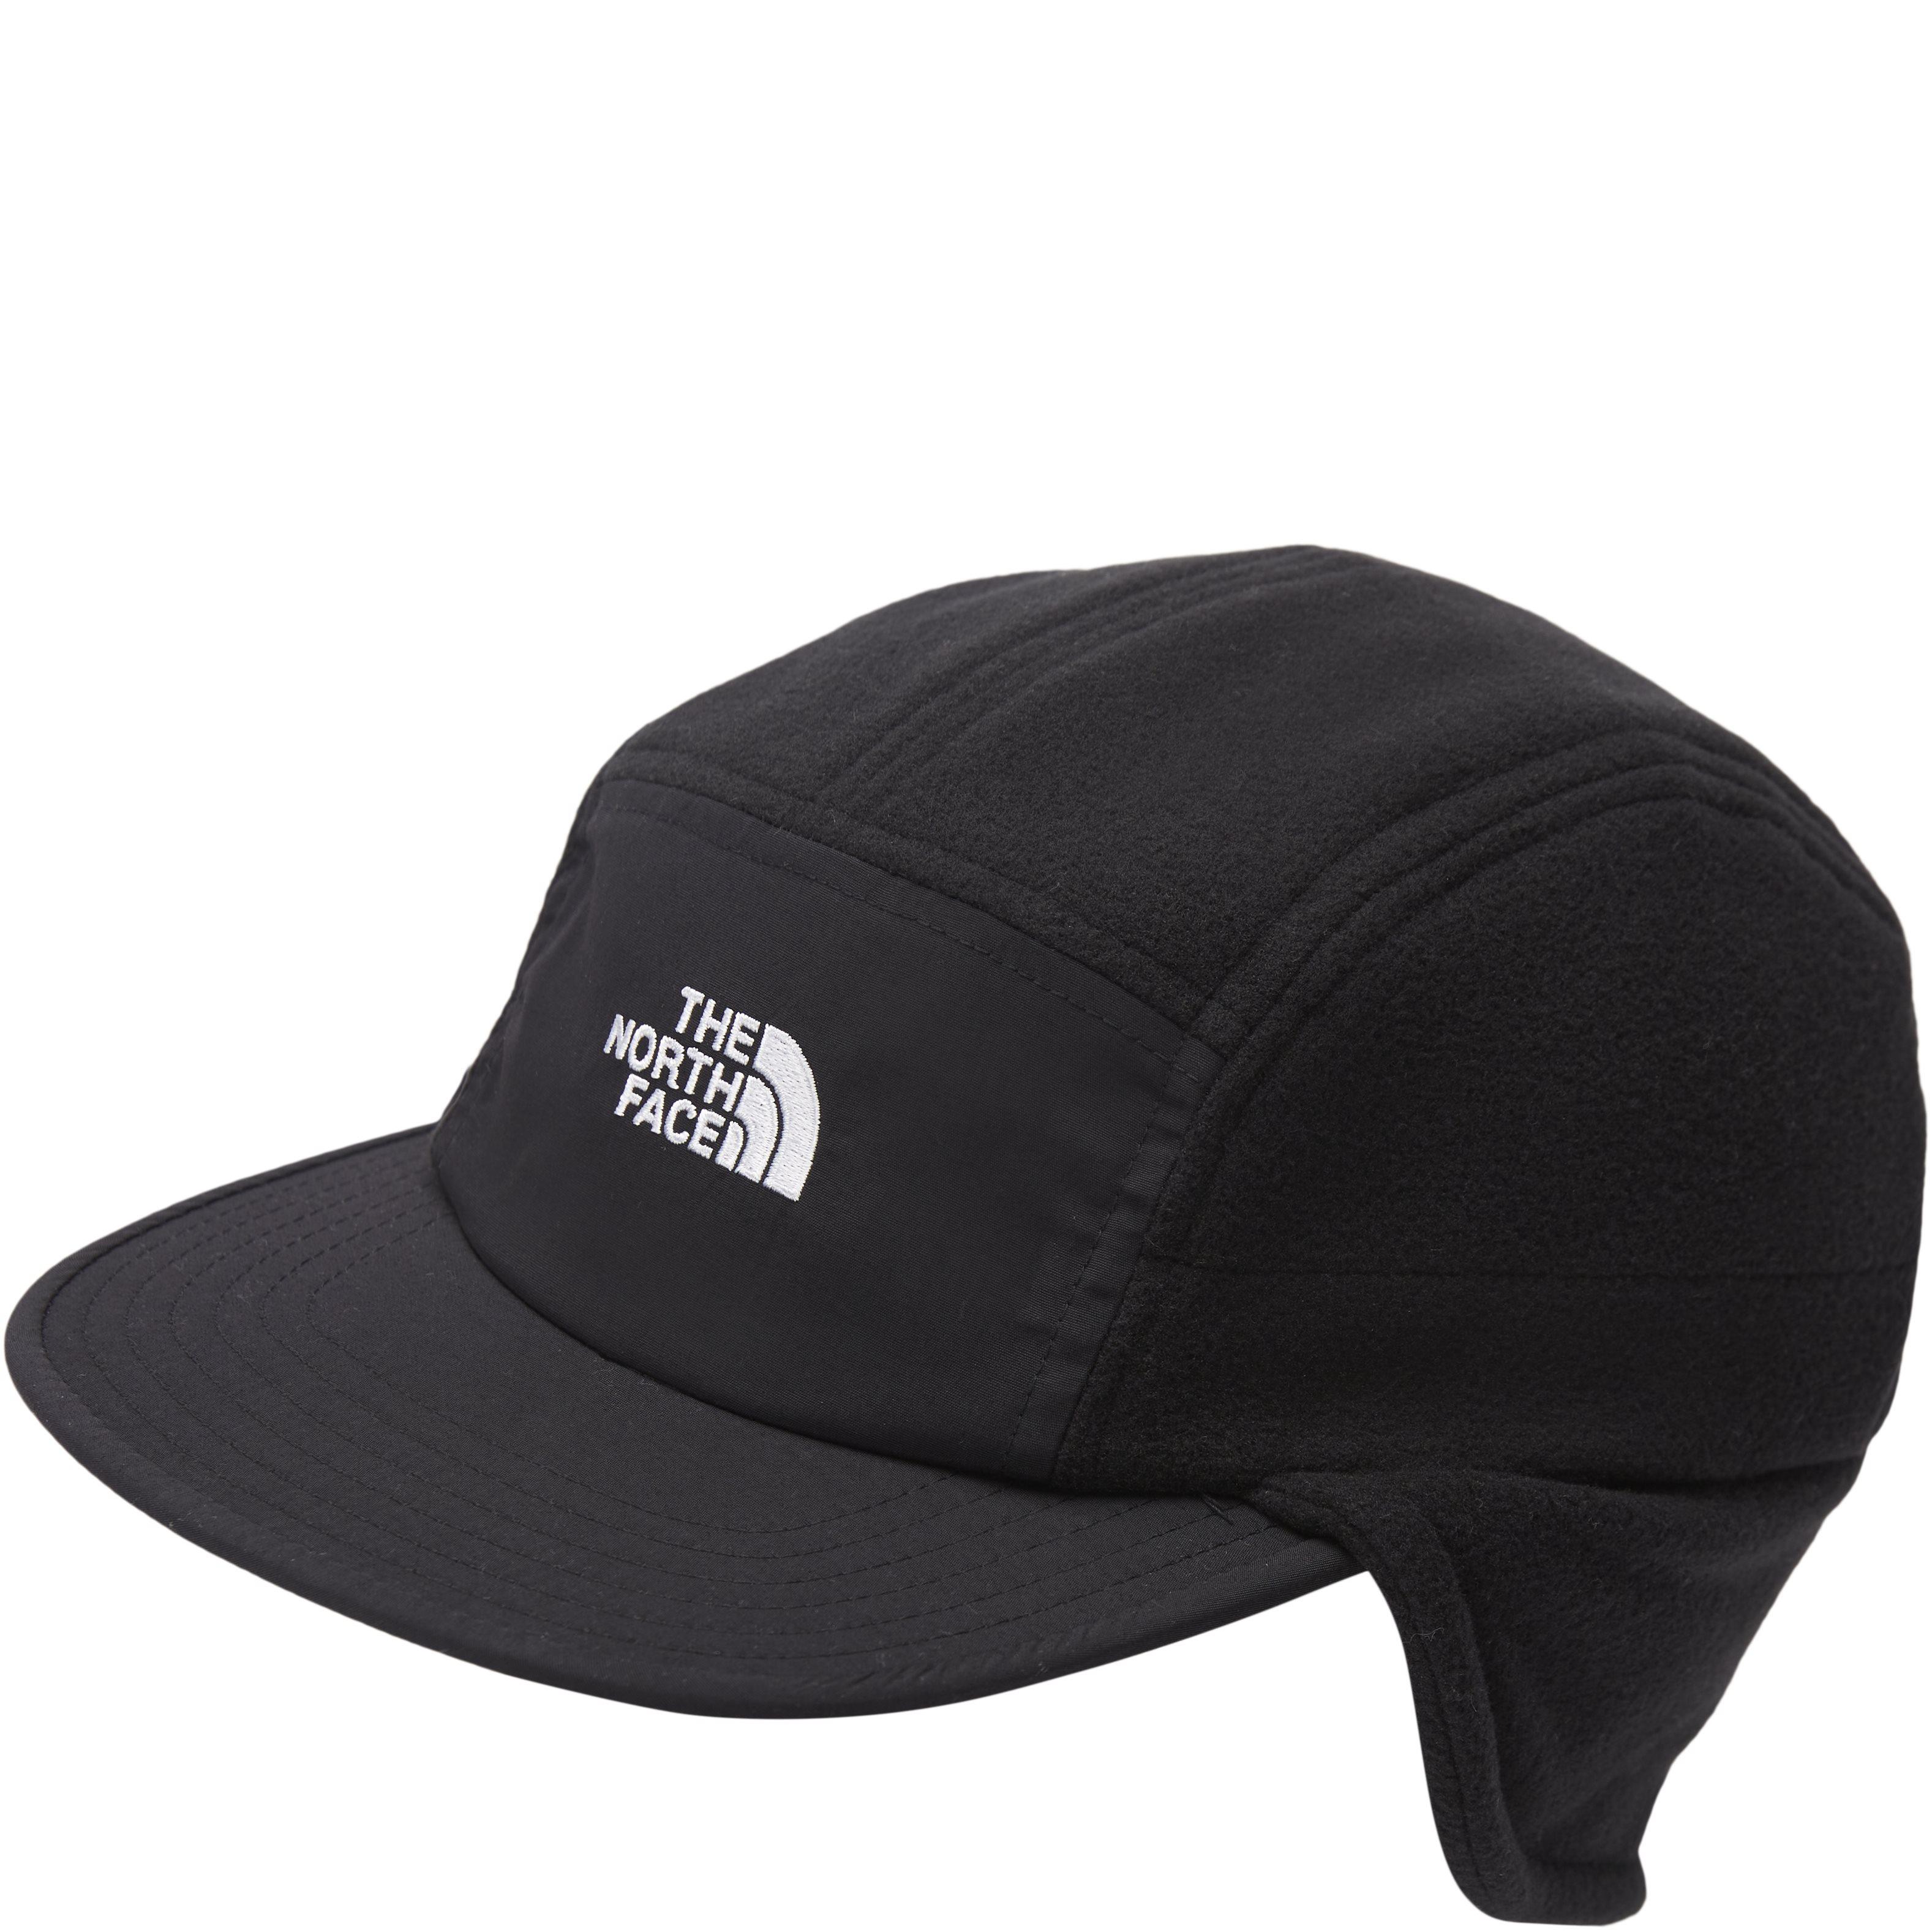 Denali Earflap Cap - Caps - Sort